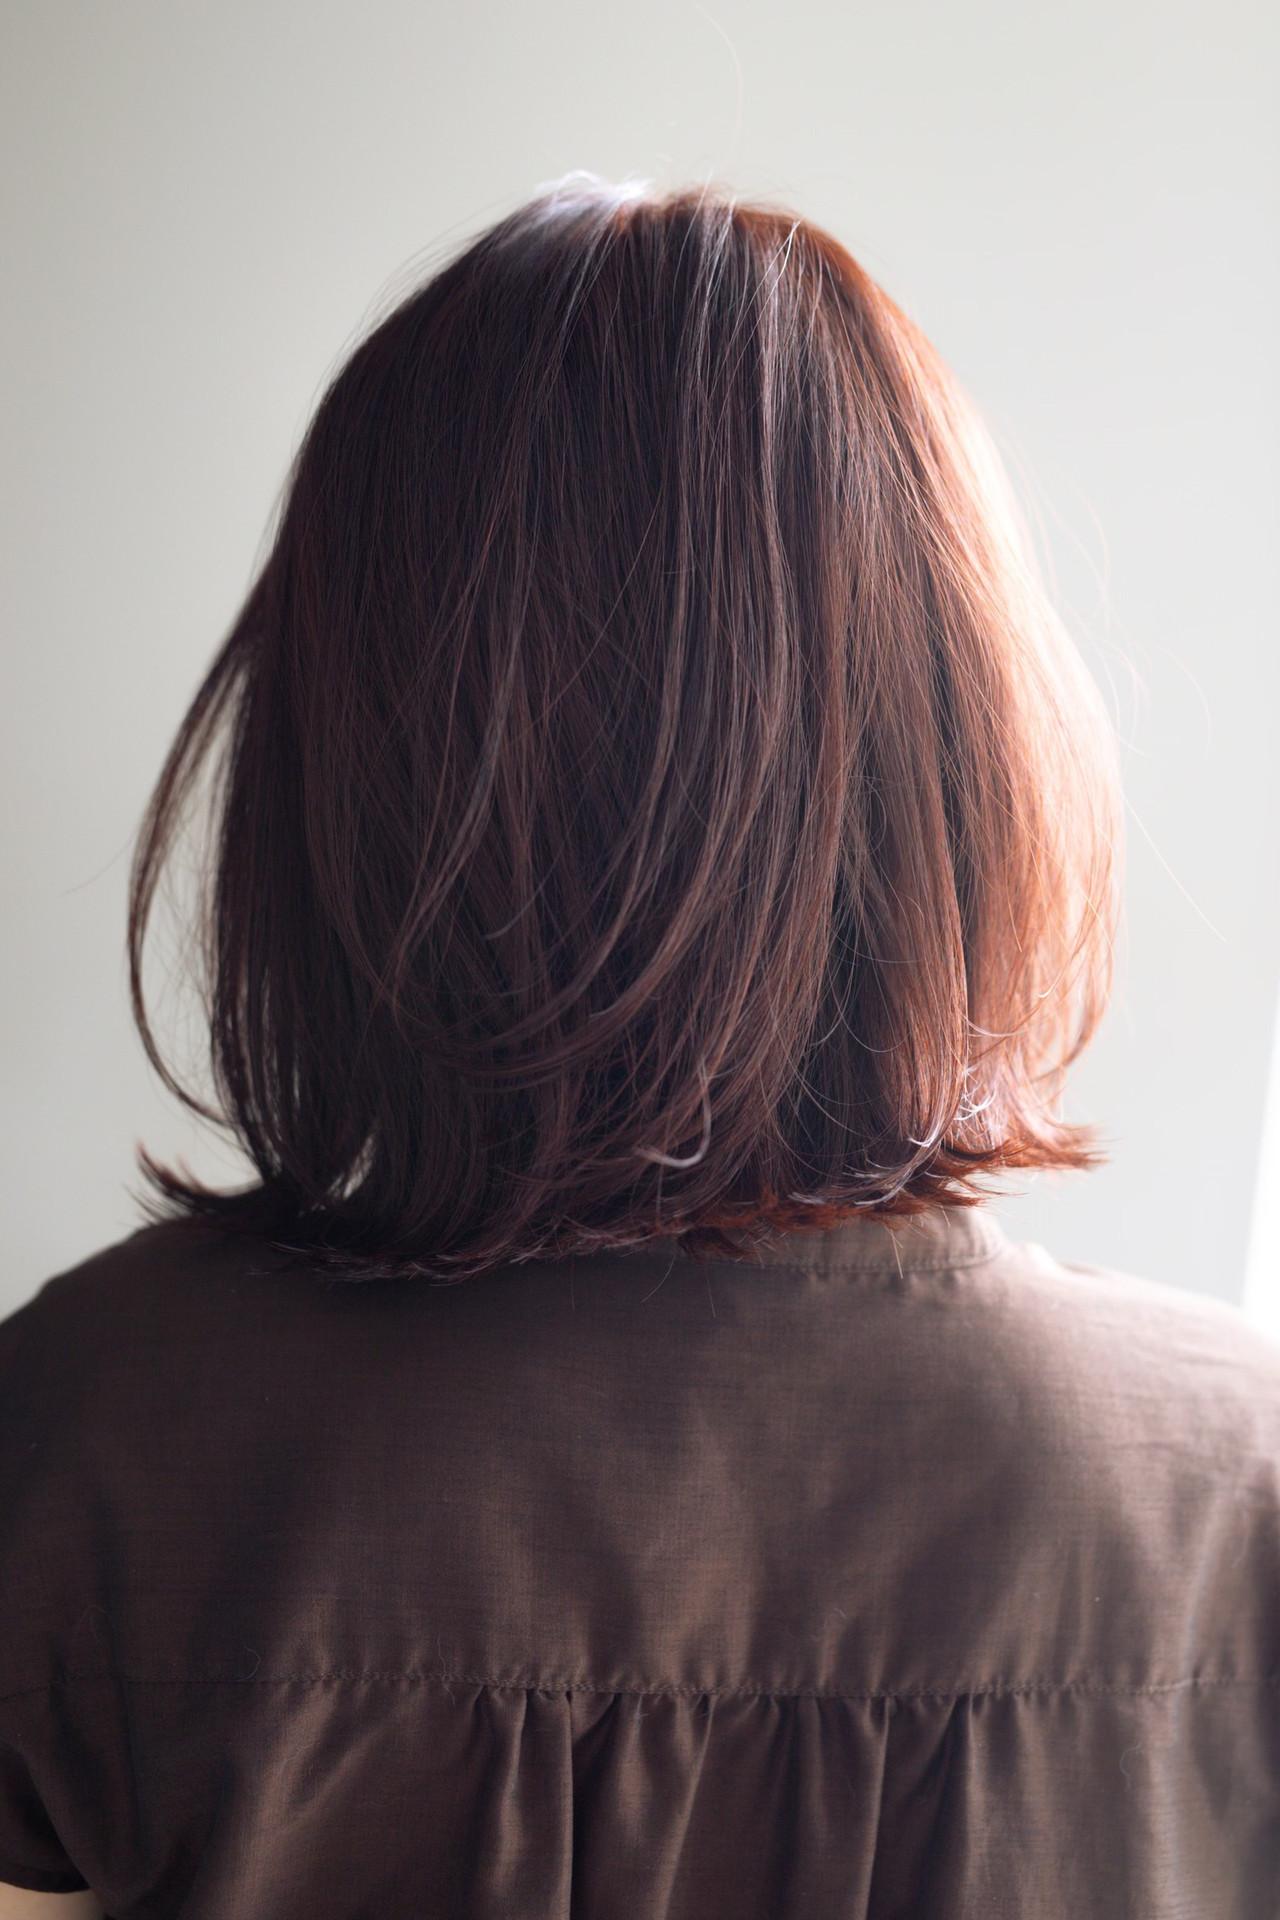 ボブ ボブ ミニボブ ヘアスタイルや髪型の写真・画像